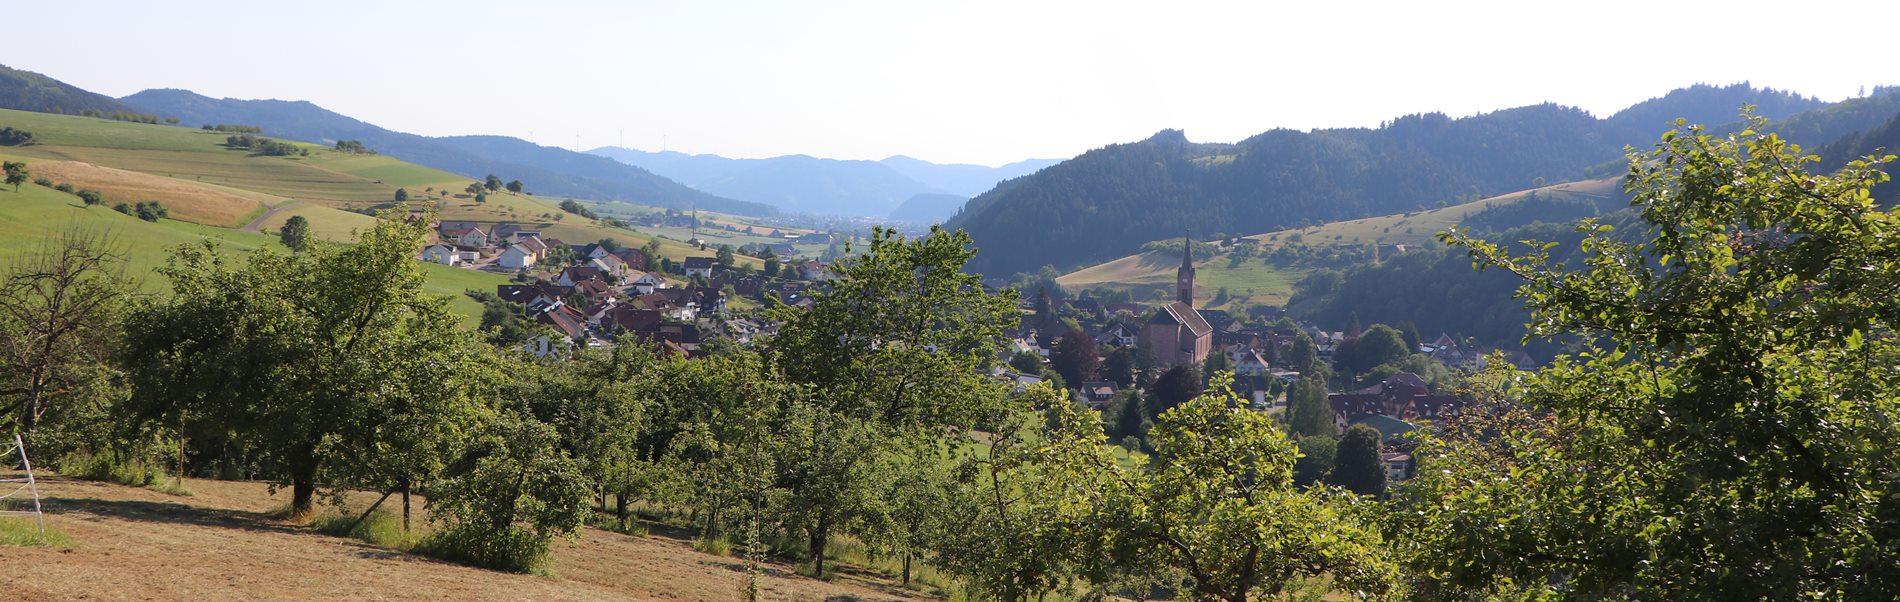 aussicht-oberharmersbach-wohnpark-mietwohnungen-schwarzwald